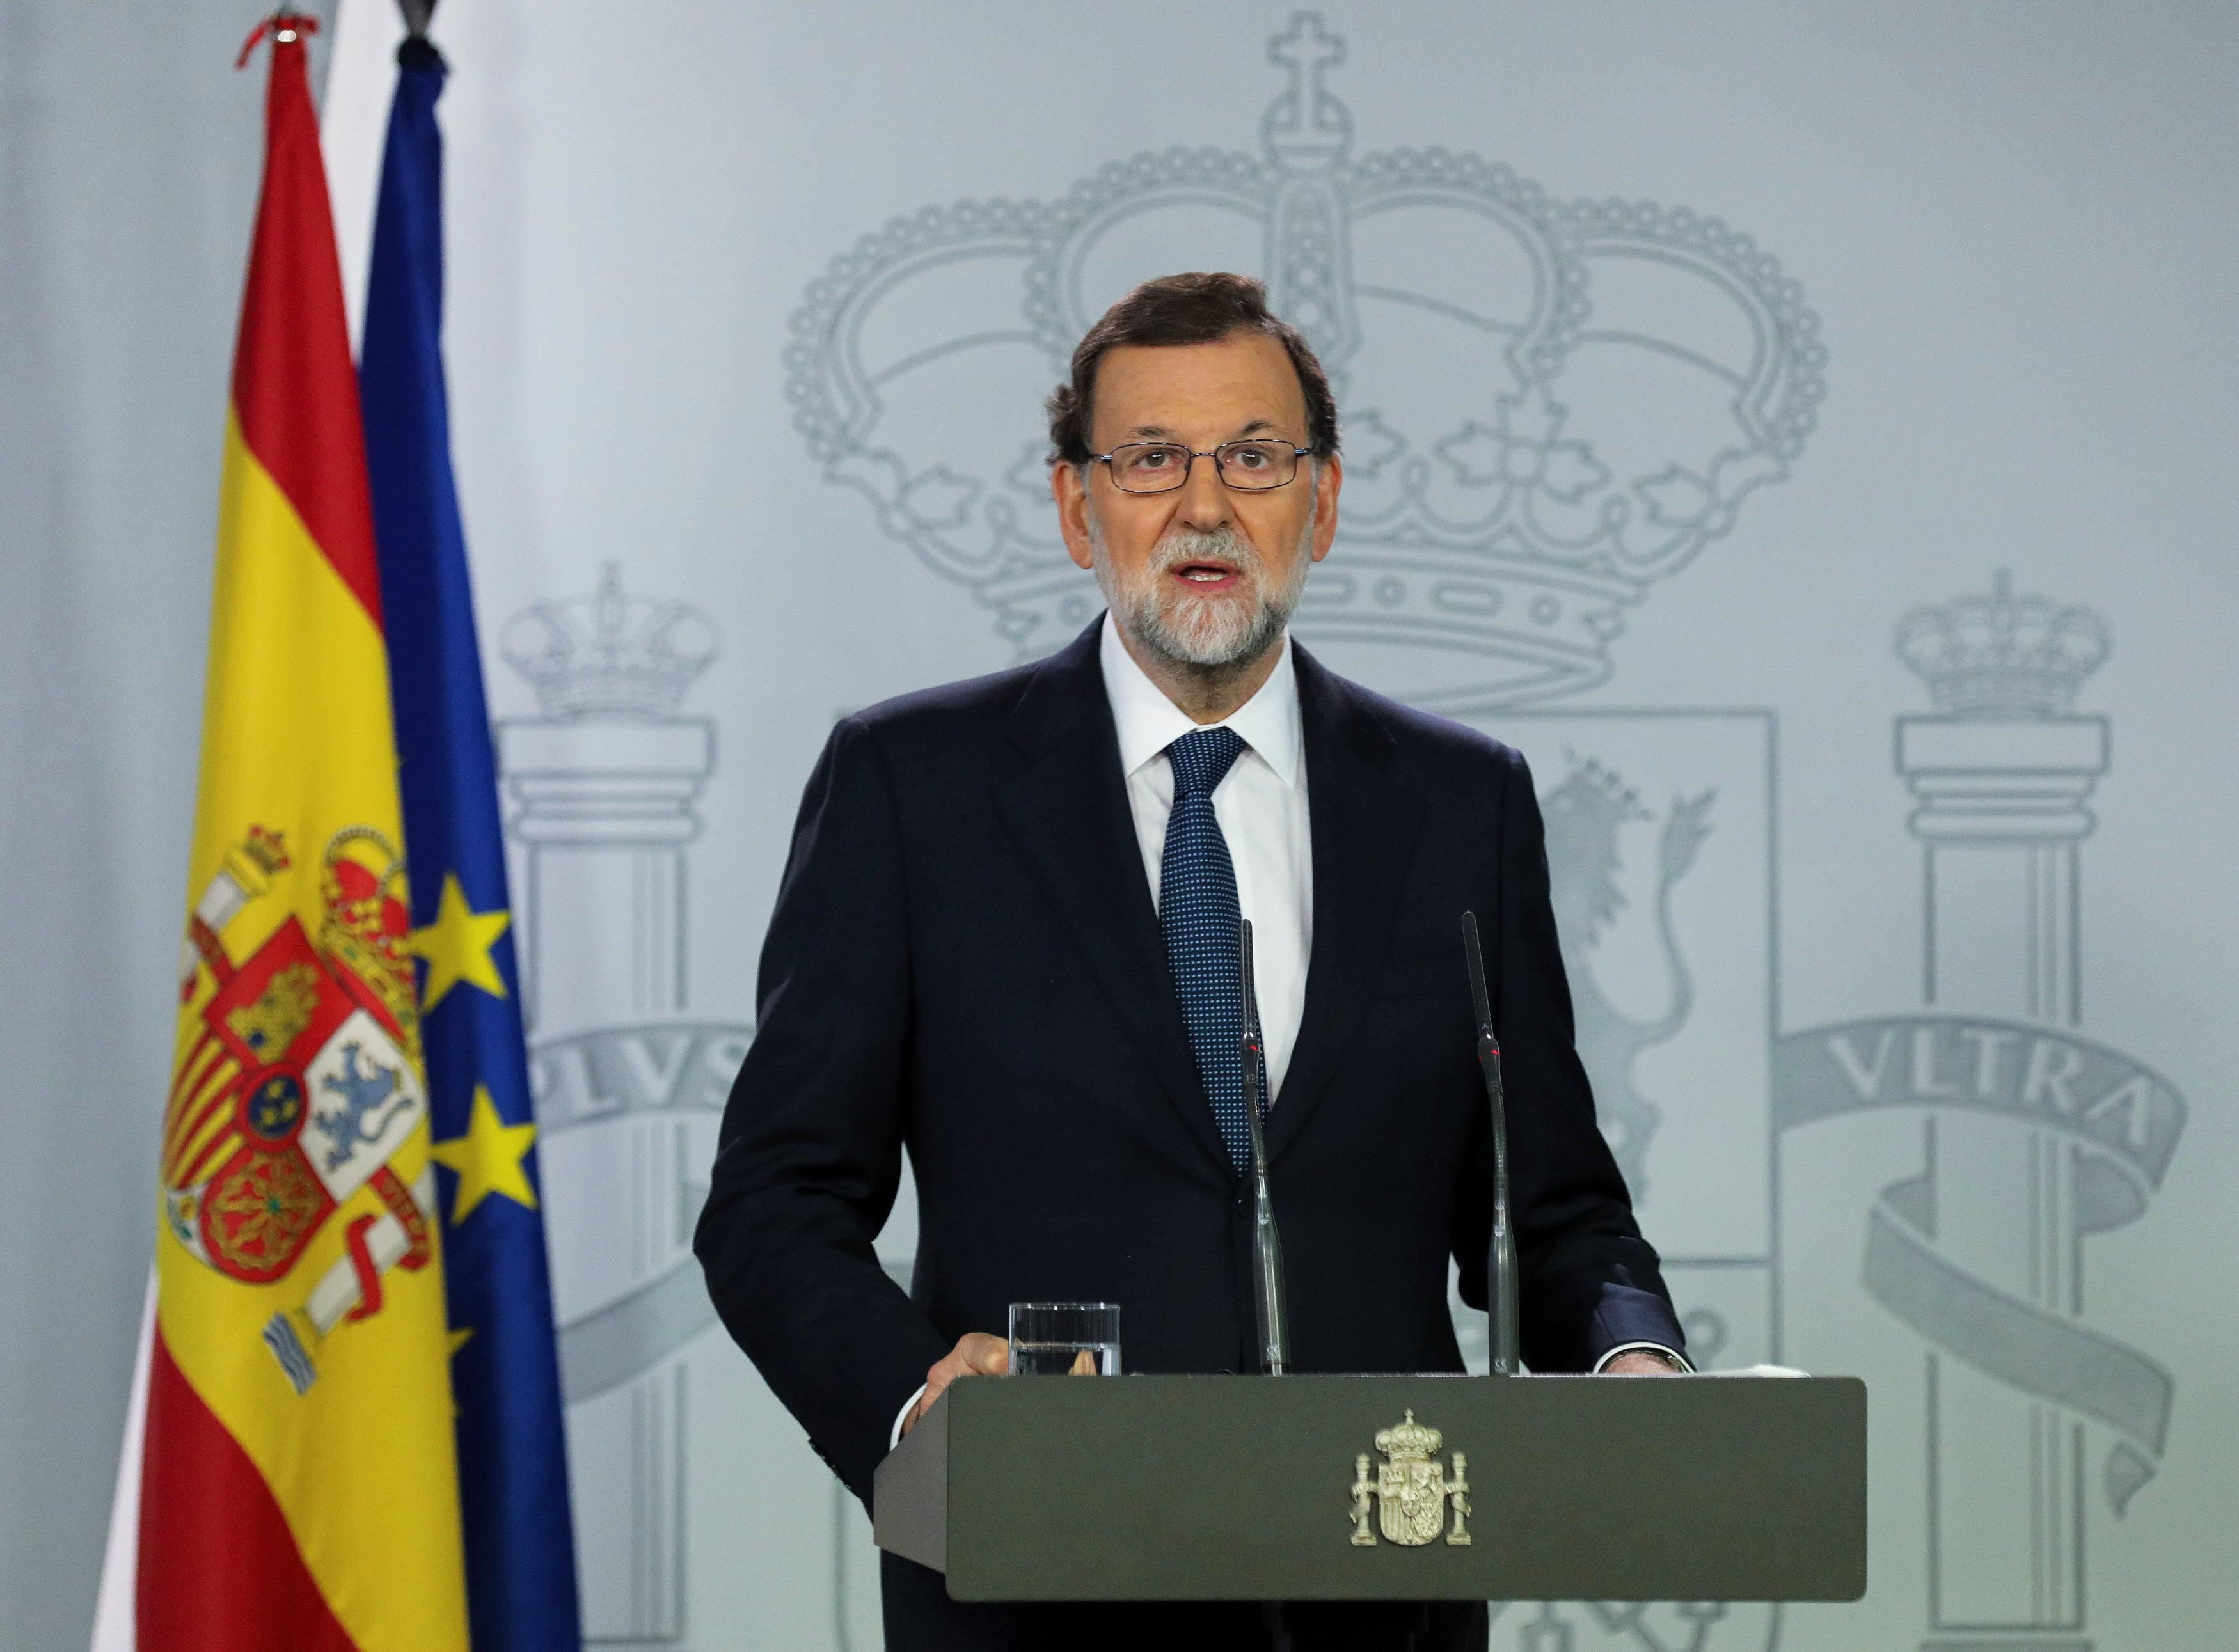 El Primer Ministro español Mariano Rajoy entrega una declaración en el Palacio de la Moncloa en Madrid, España, 11 de octubre de 2017. REUTERS / Sergio Pérez